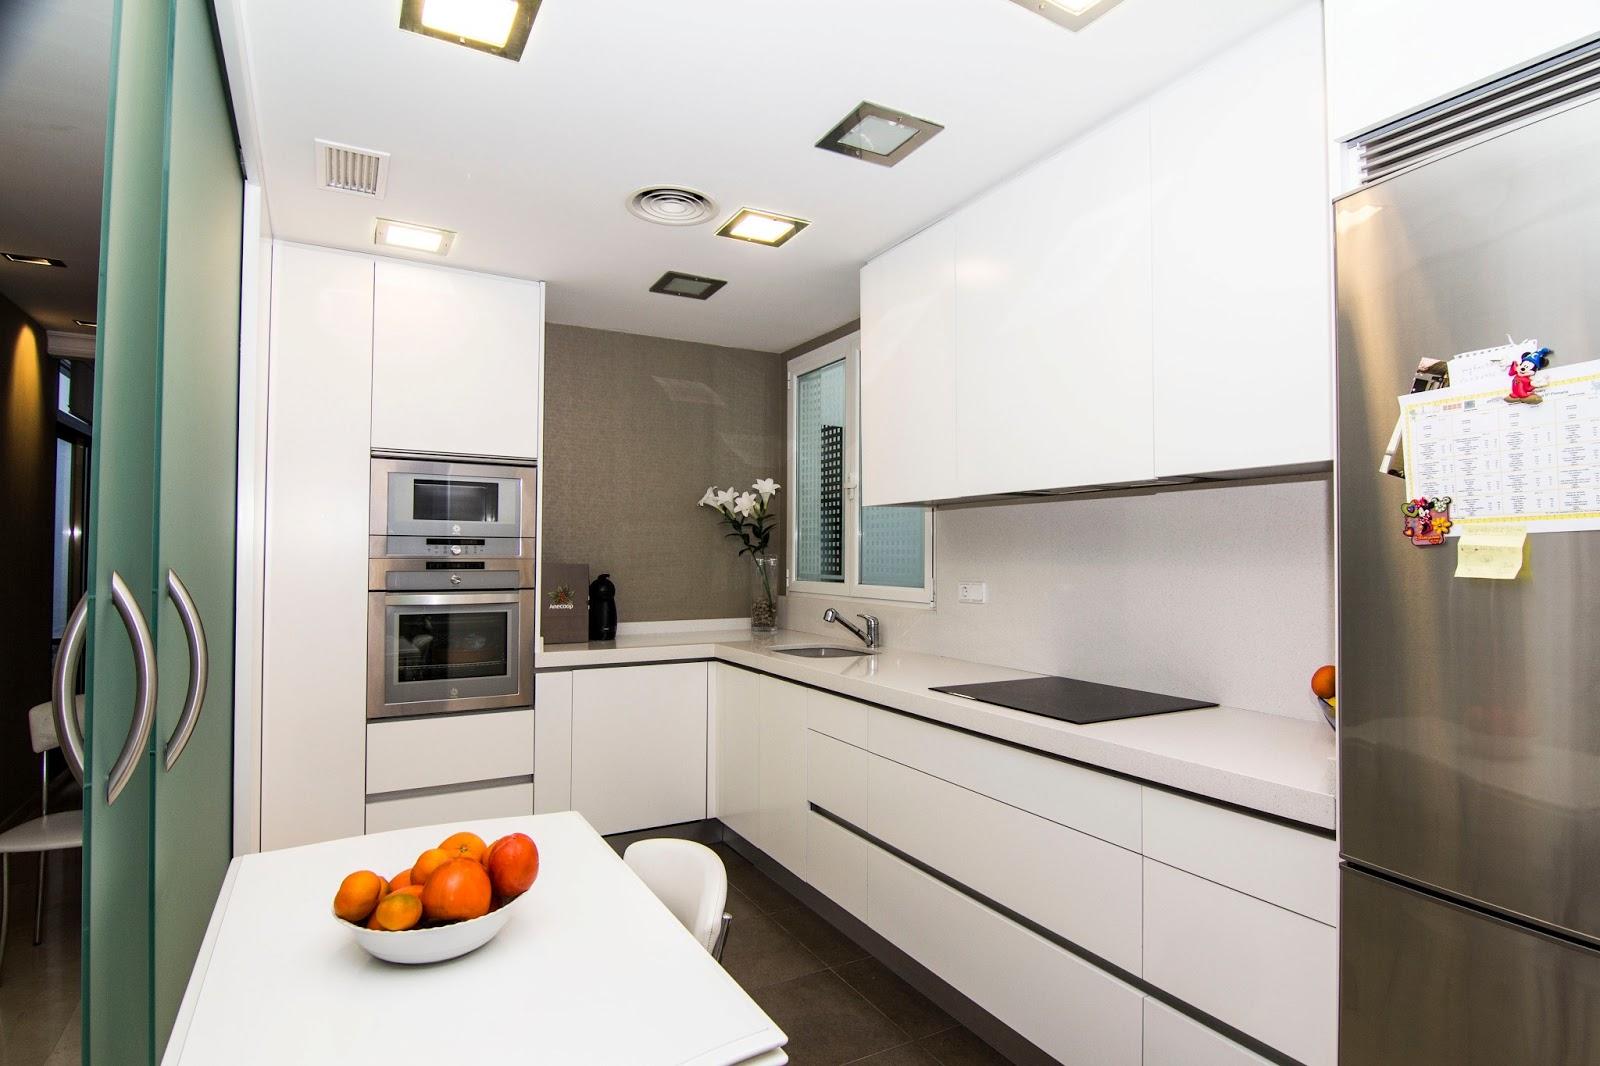 Nivel diez cocina abierta al sal n - Cocina salon separados cristal ...